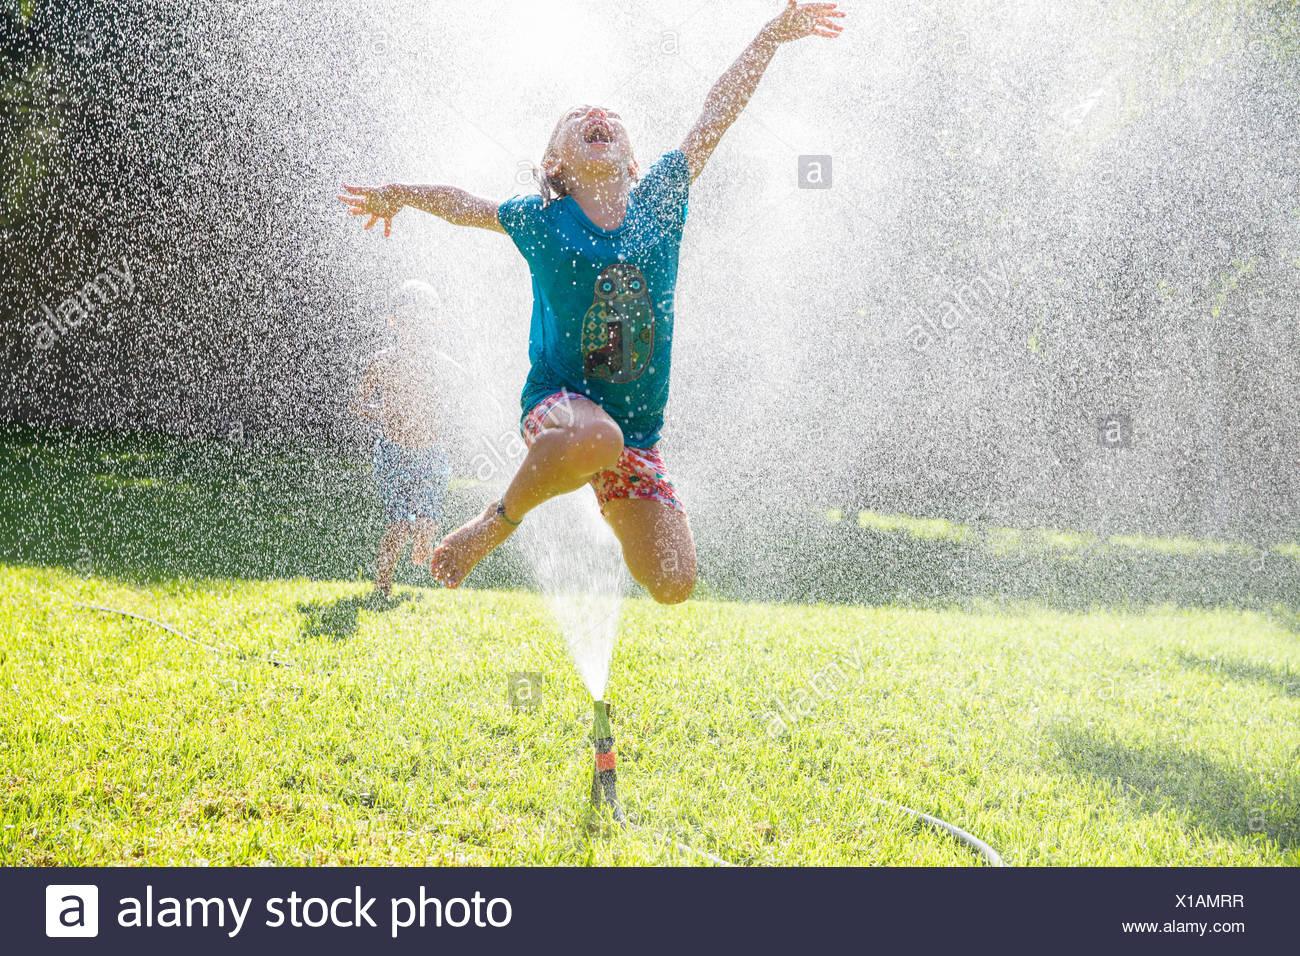 Girl jumping over water sprinkler in garden - Stock Image